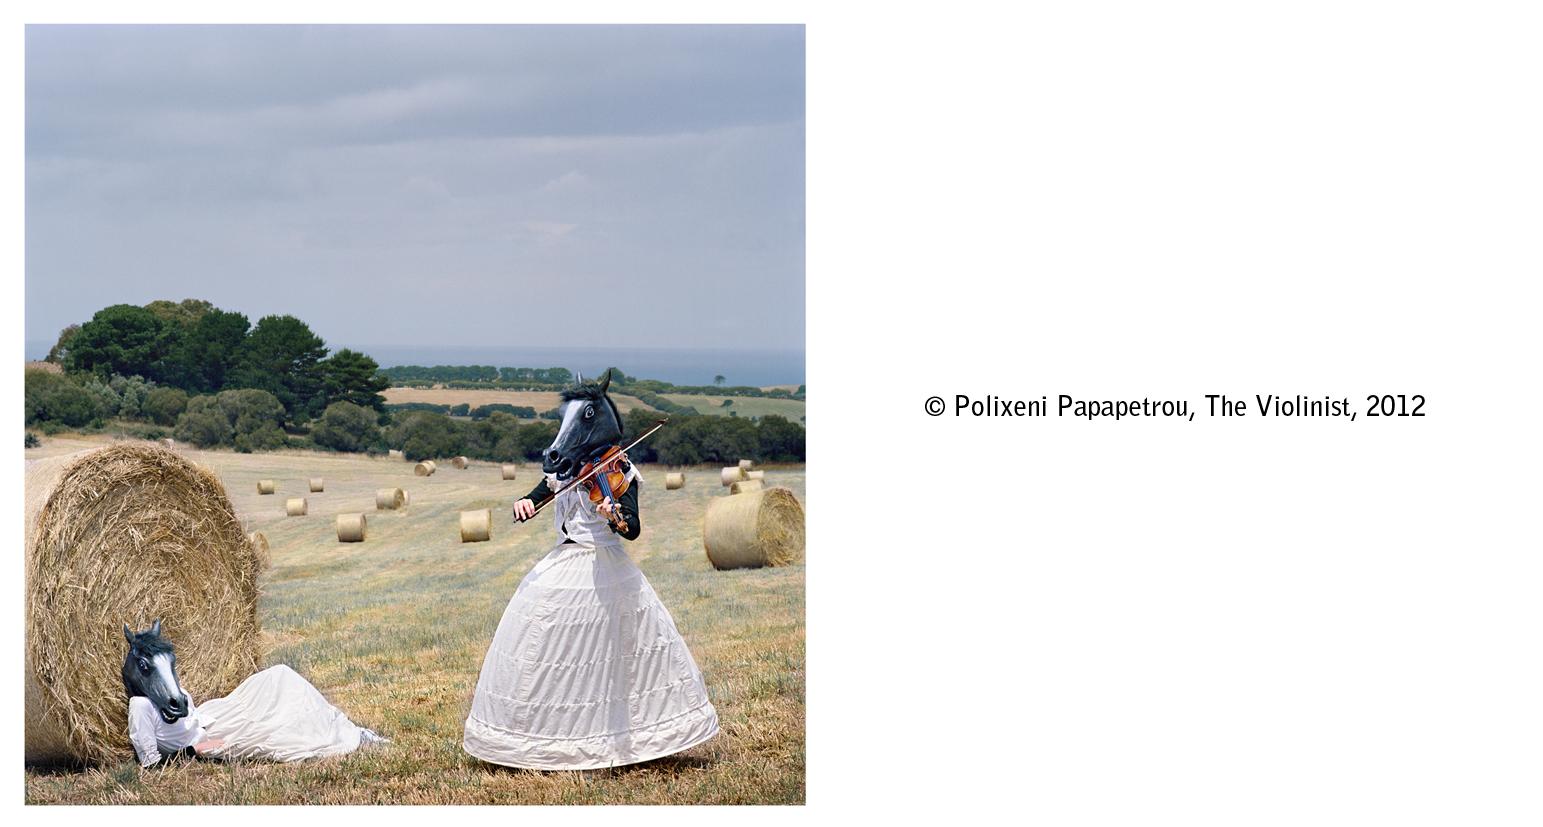 Polixeni-Papapetrou-03.jpg